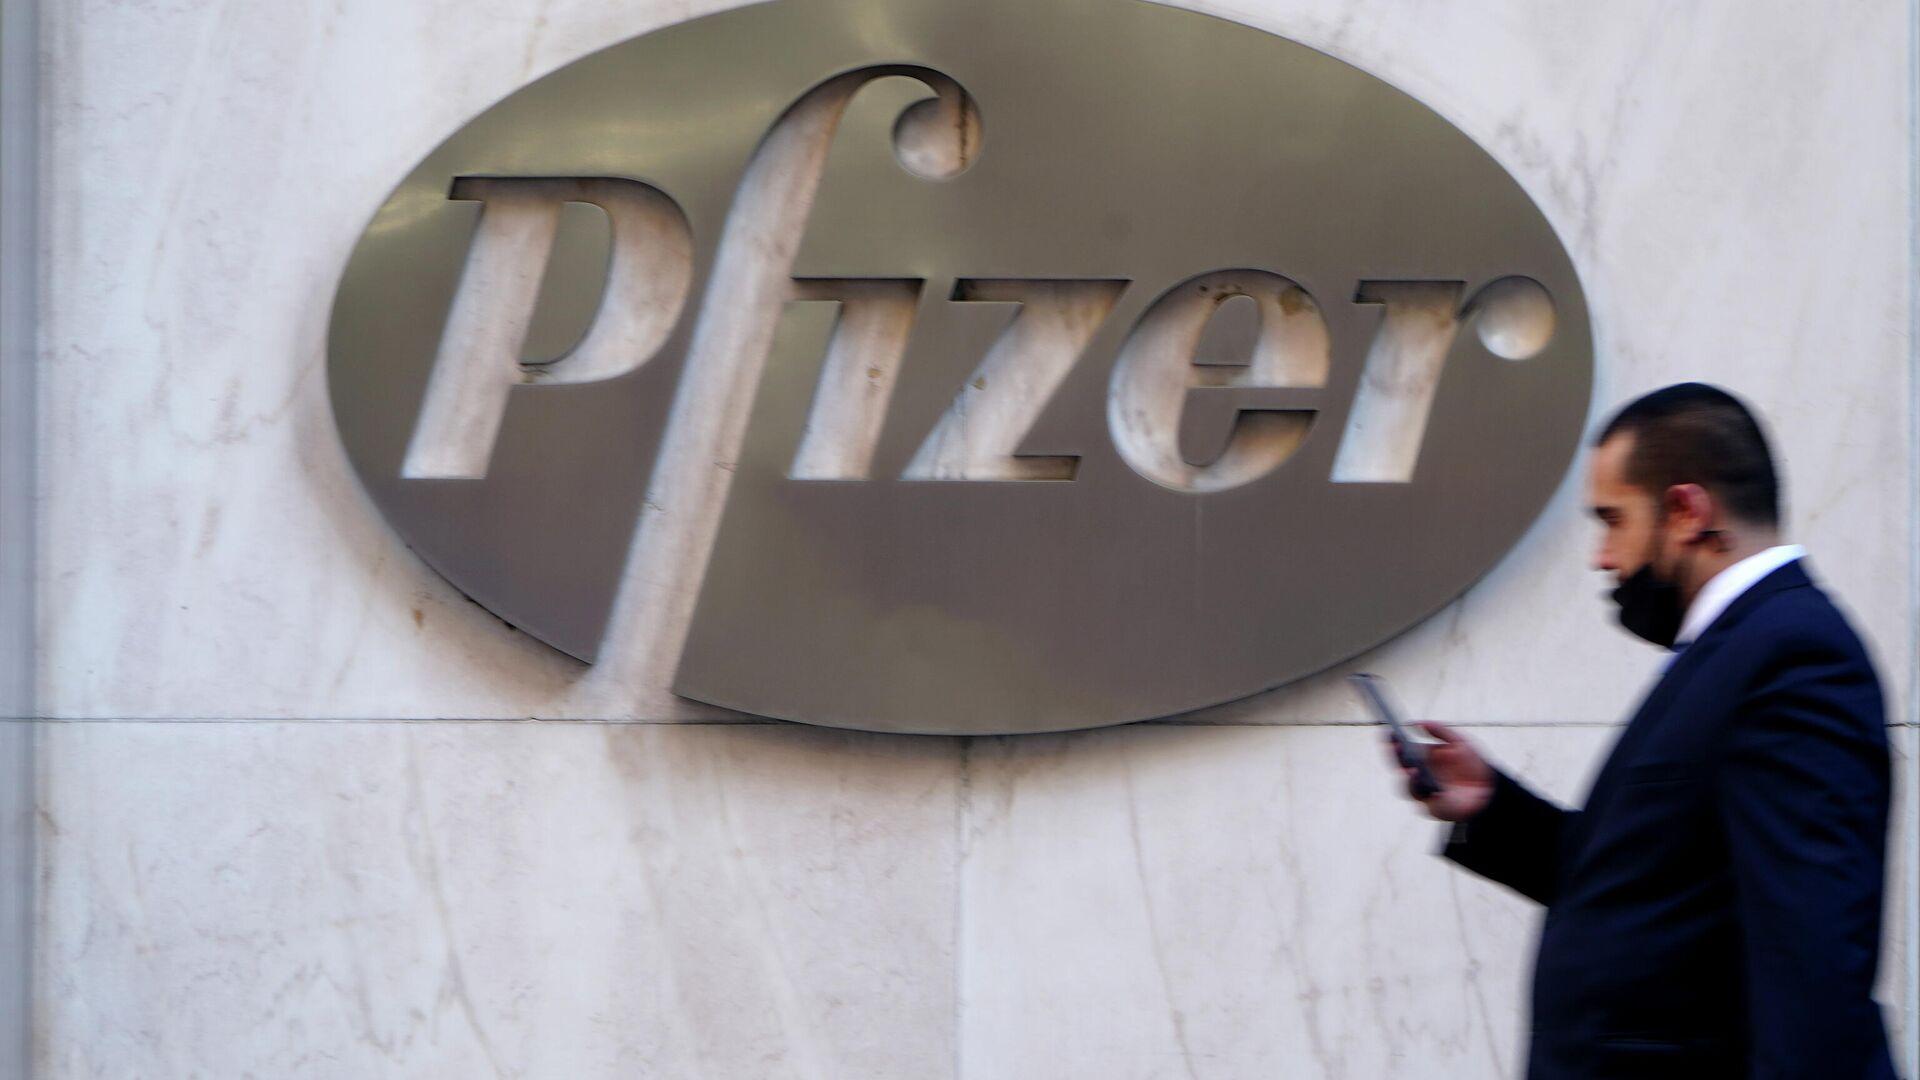 Офис компании Pfizer в Нью-Йорке - РИА Новости, 1920, 10.12.2020